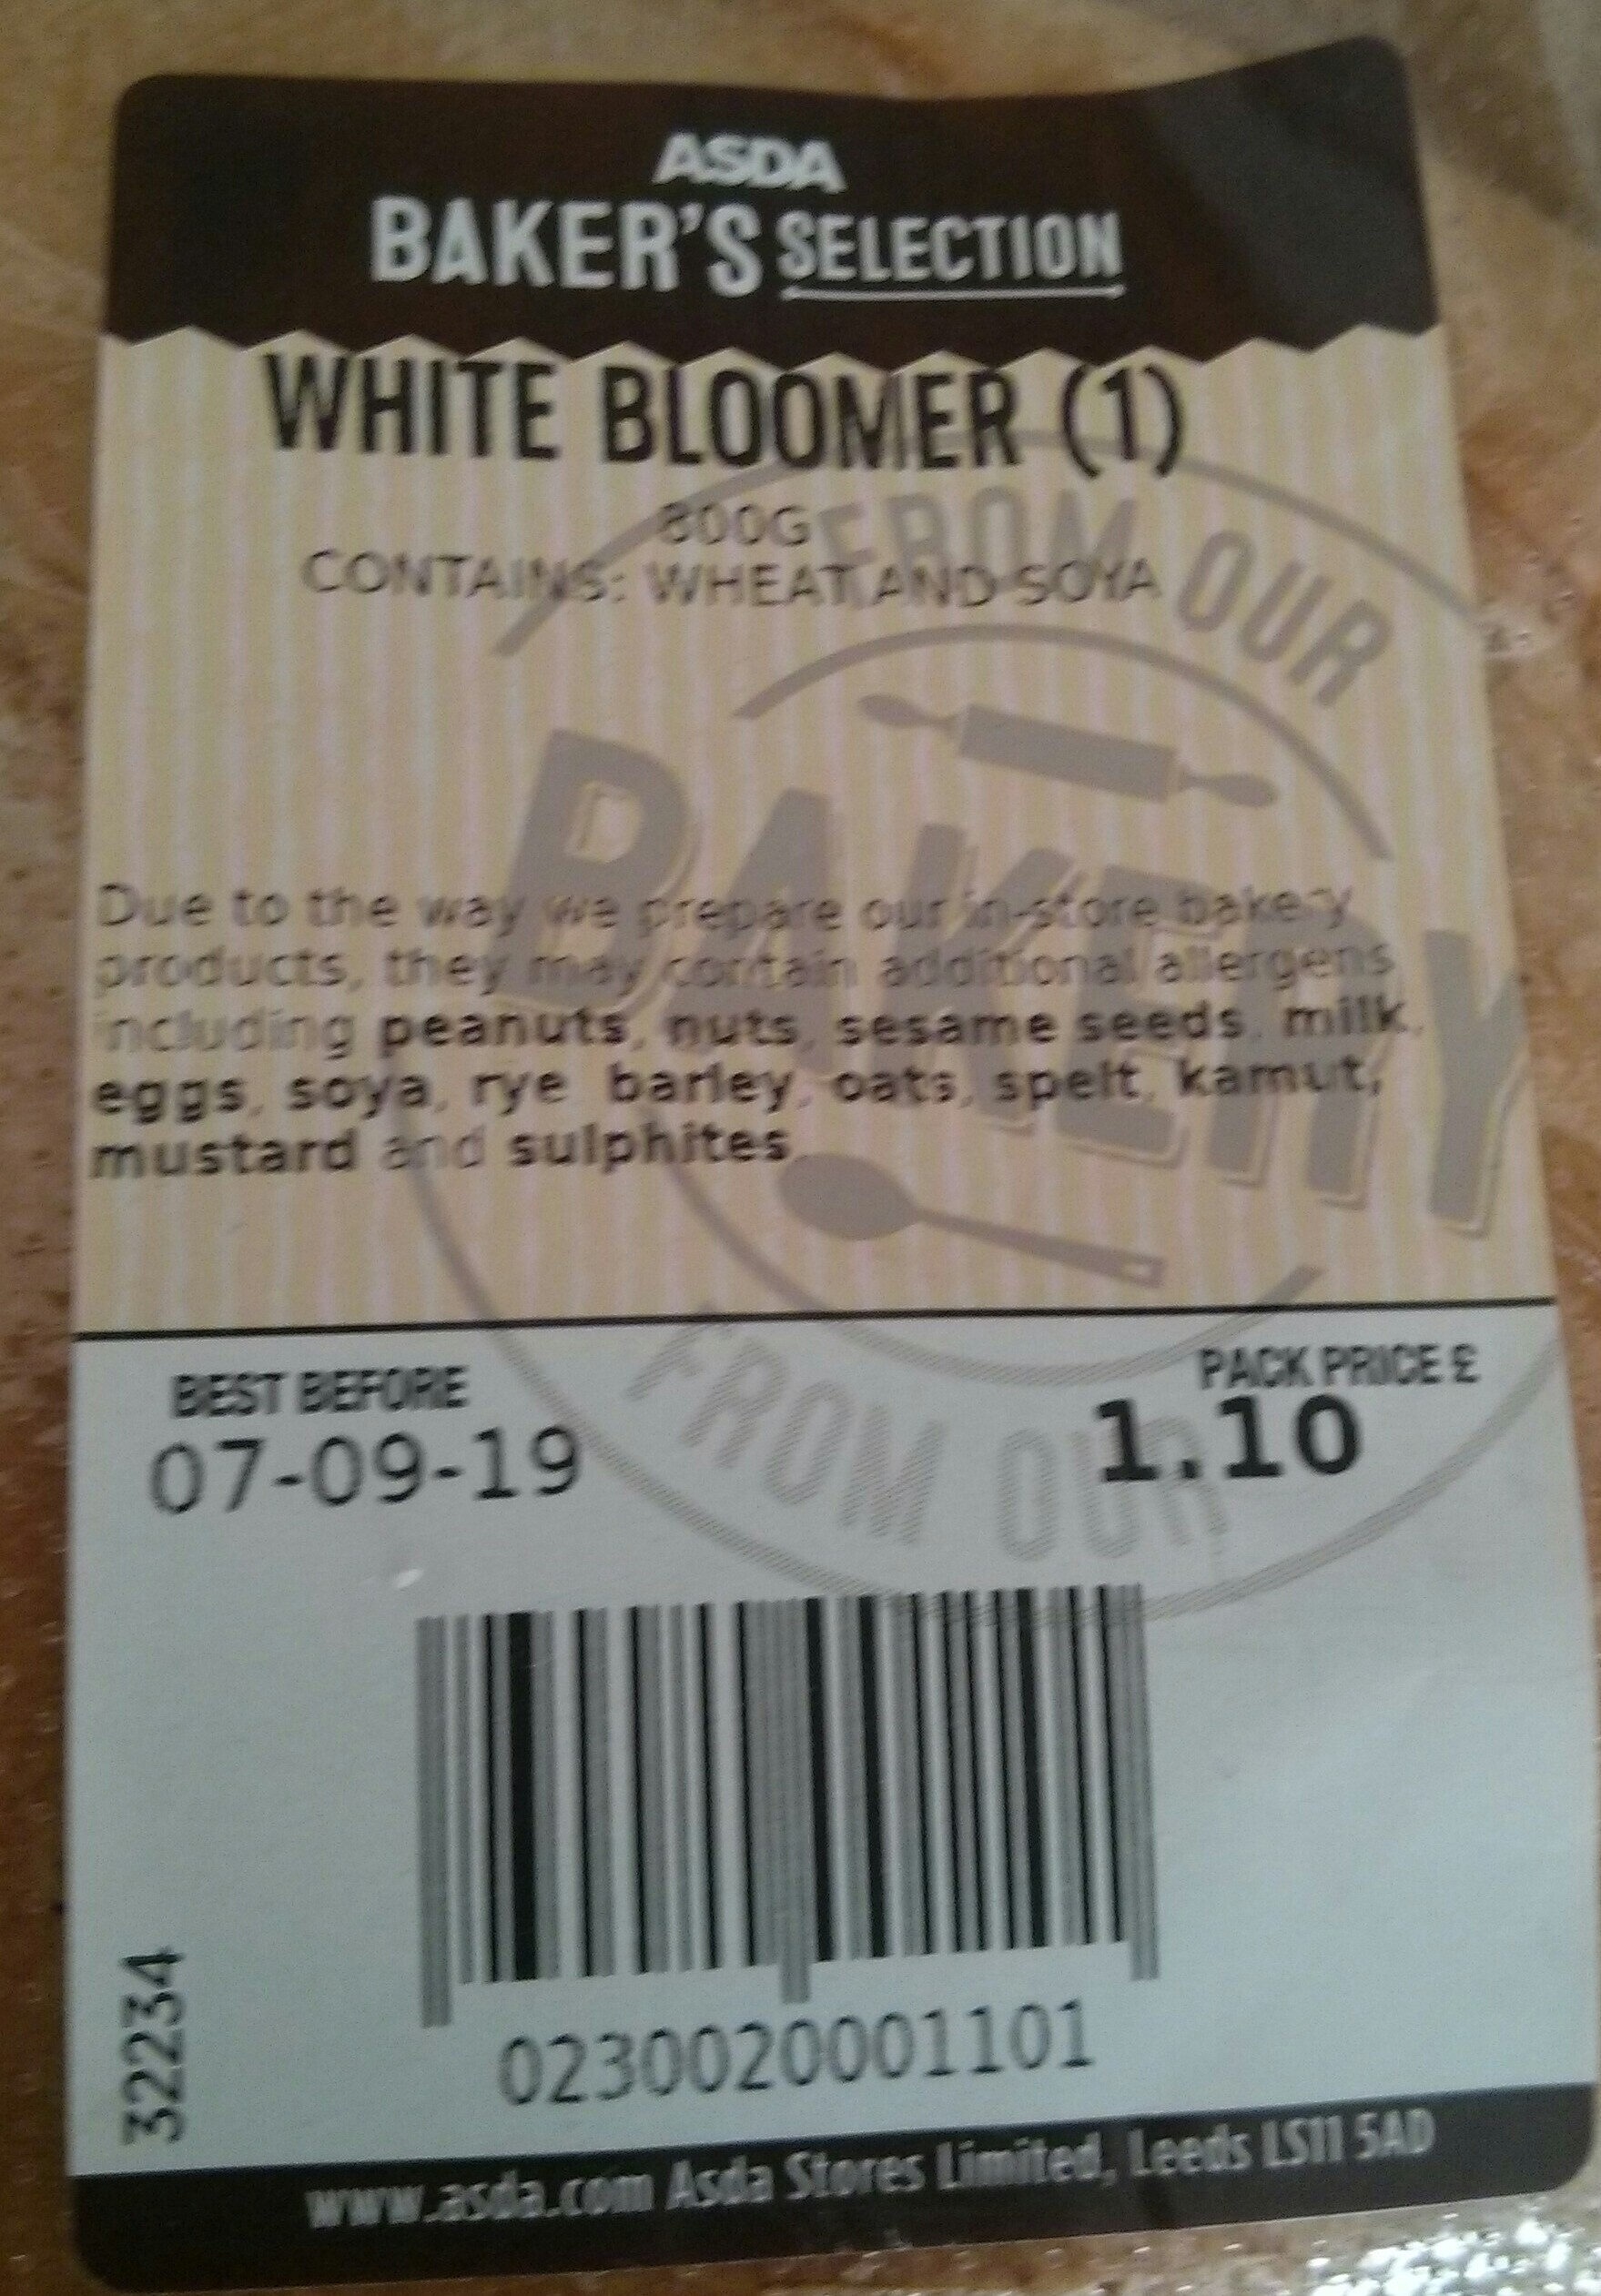 White Bloomer (1) - Product - en